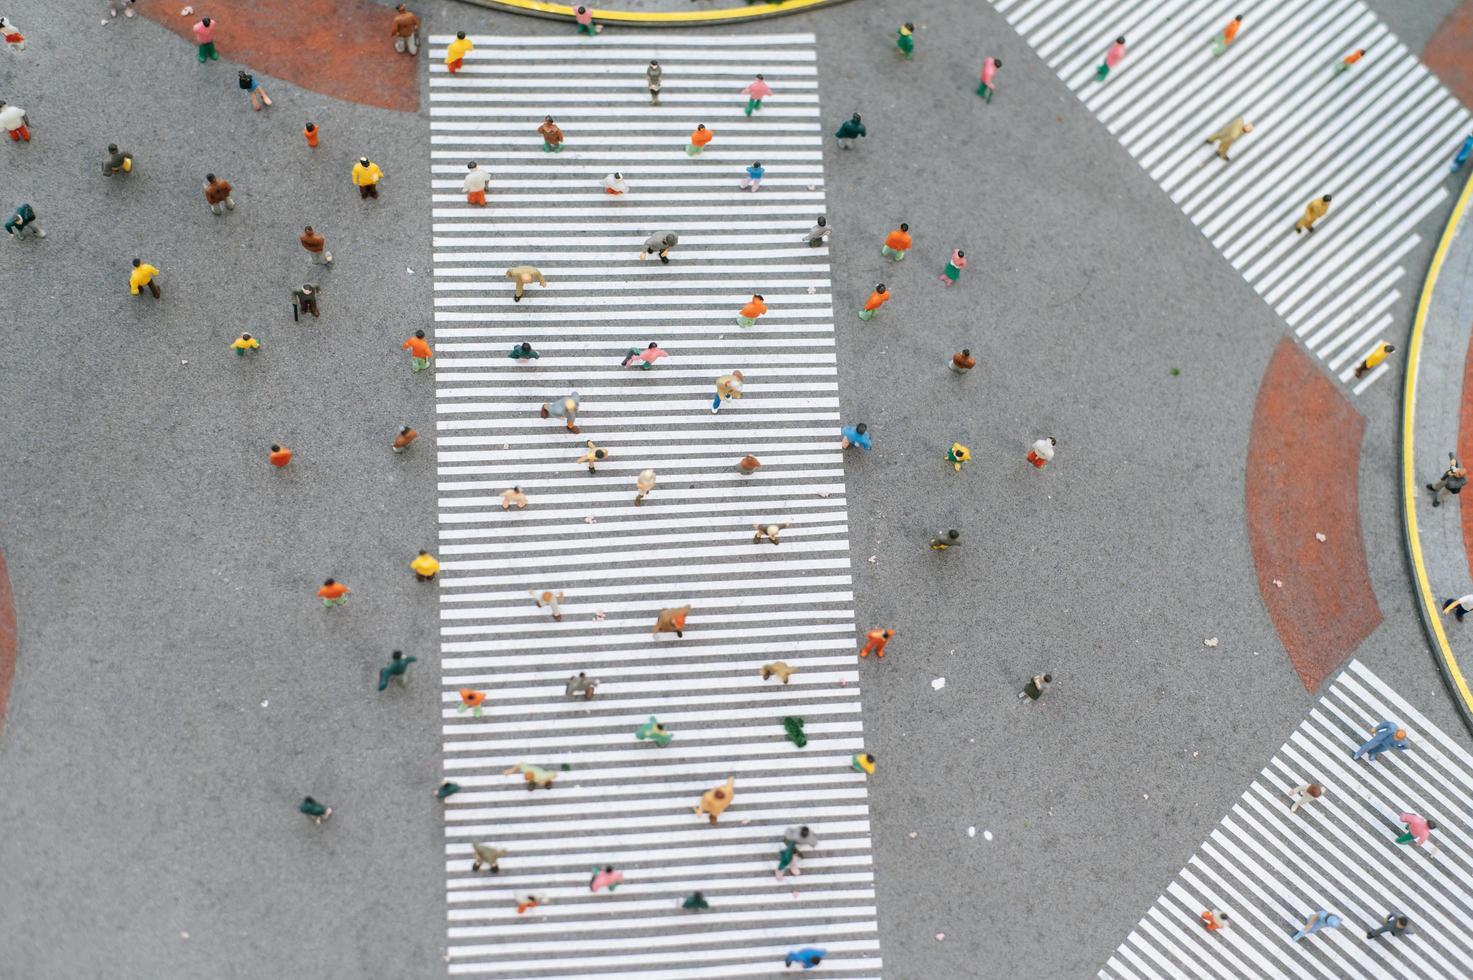 vista superior de gente pequeña caminando por la calle foto